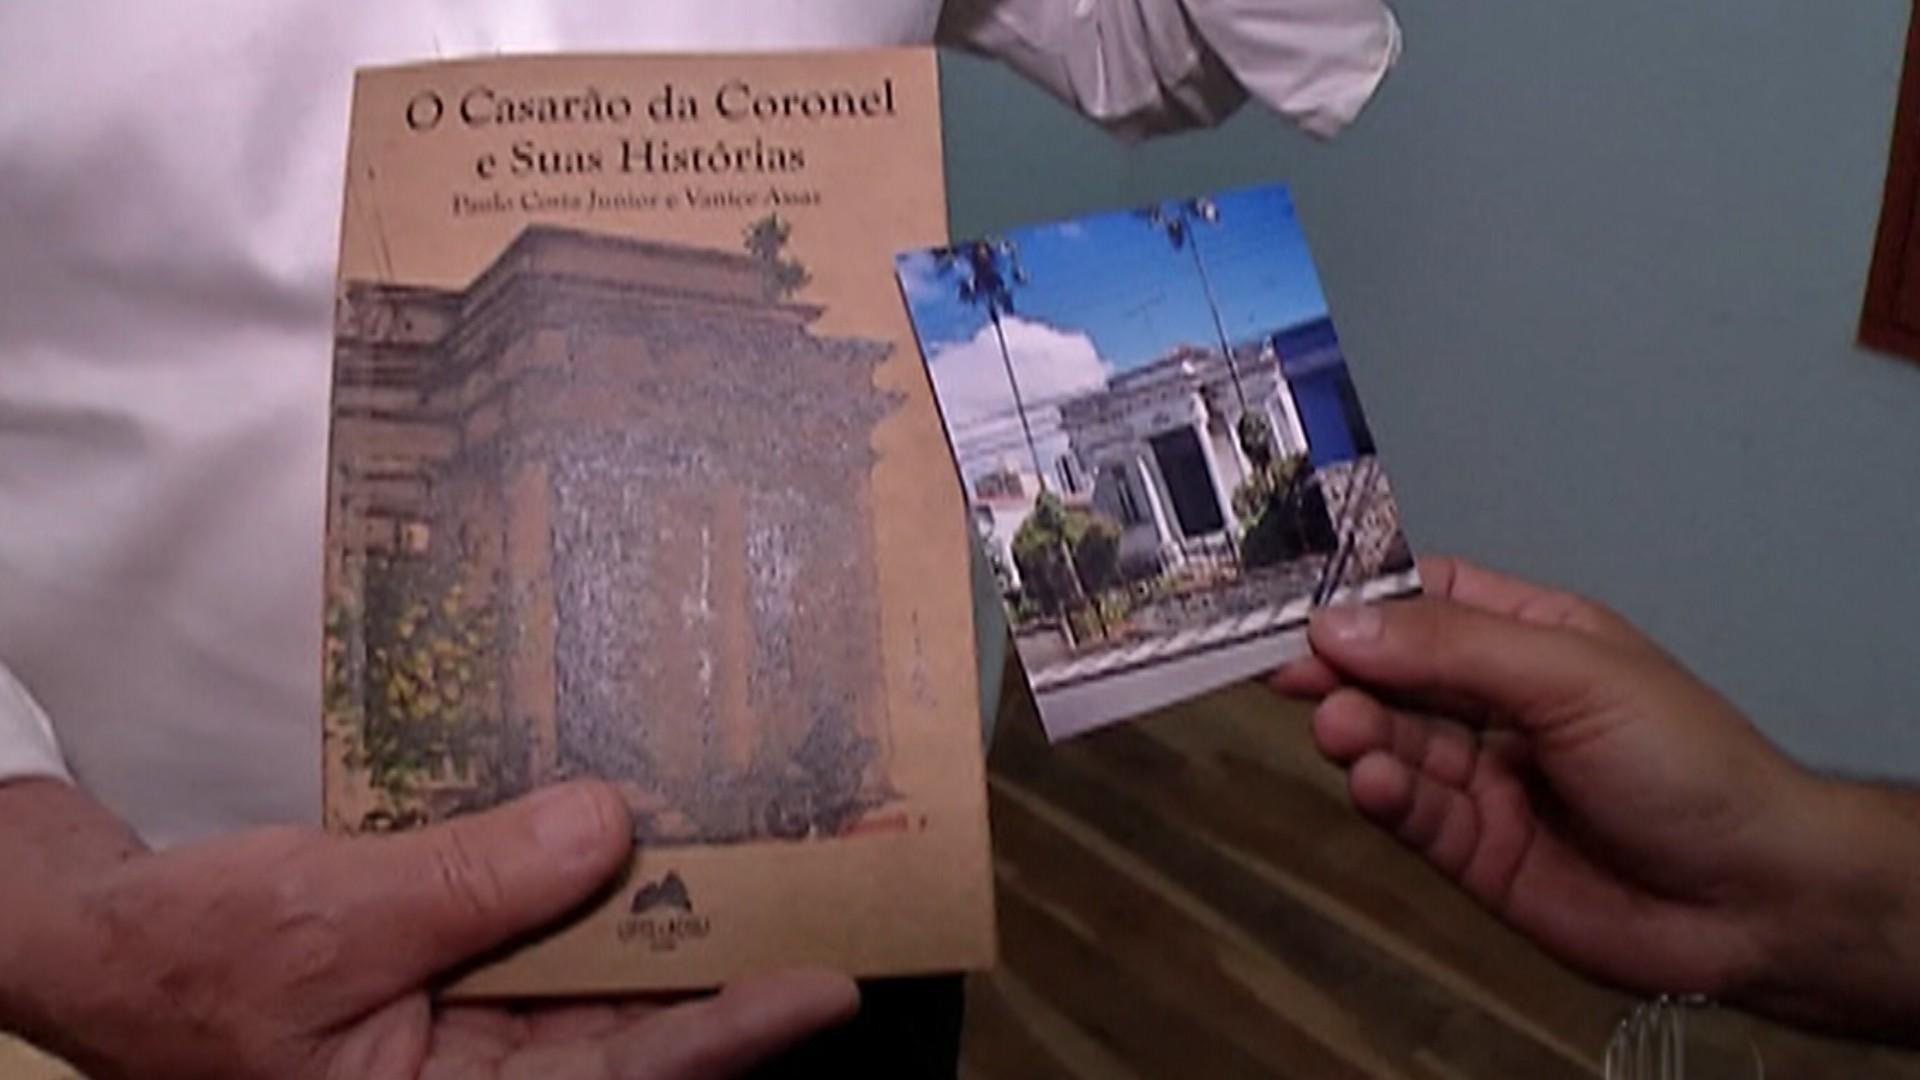 Livro conta história de casarão histórico de Mogi das Cruzes - Notícias - Plantão Diário